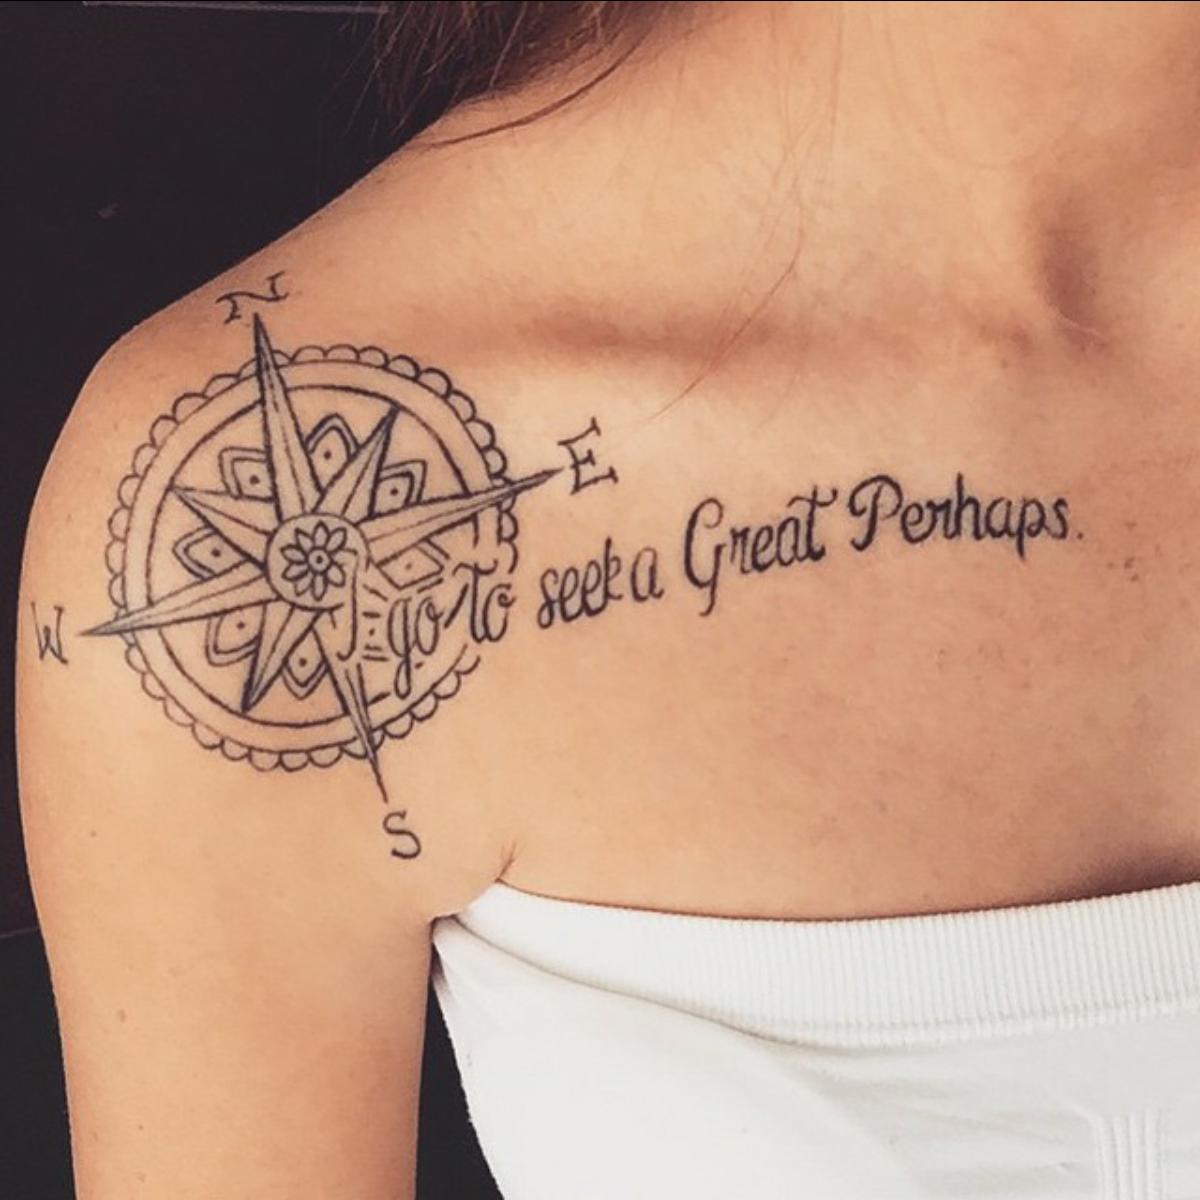 Pequeño Tatuaje De La Rosa De Los Vientos Seguido De La Frase I Go